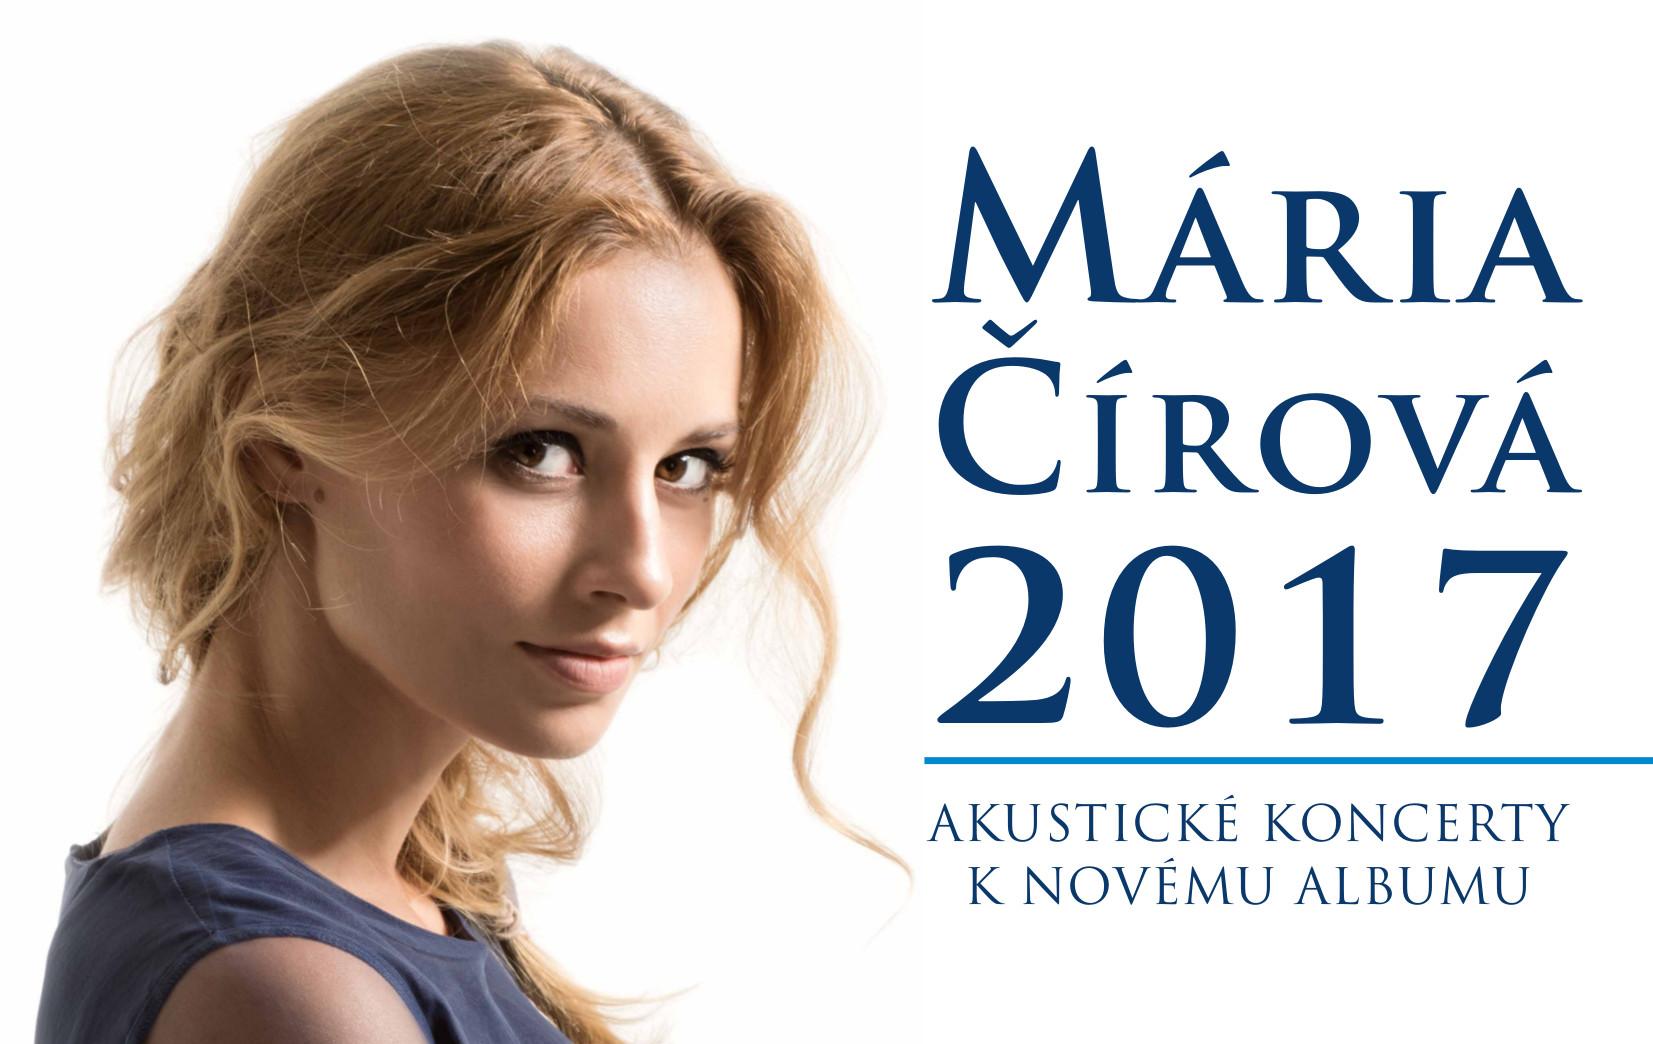 ffbbe83ca MÁRIA ČÍROVÁ #2017 Akustické koncerty - Katalóg firiem | moja Bystrica